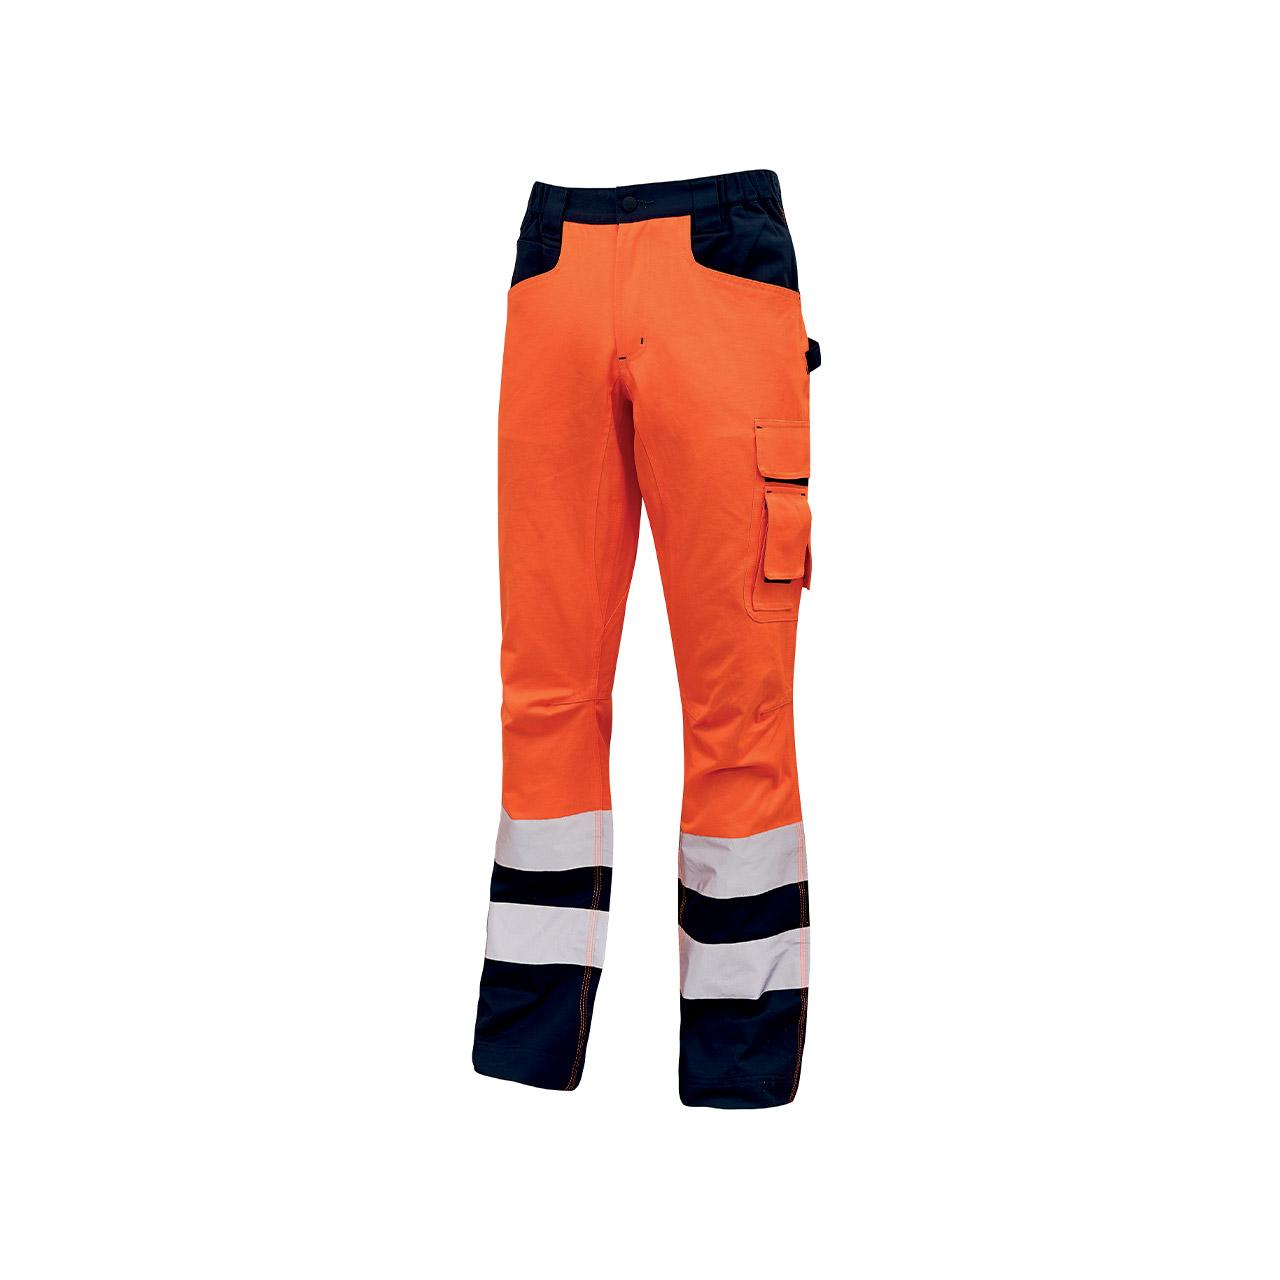 pantalone da lavoro upower modello light colore orange